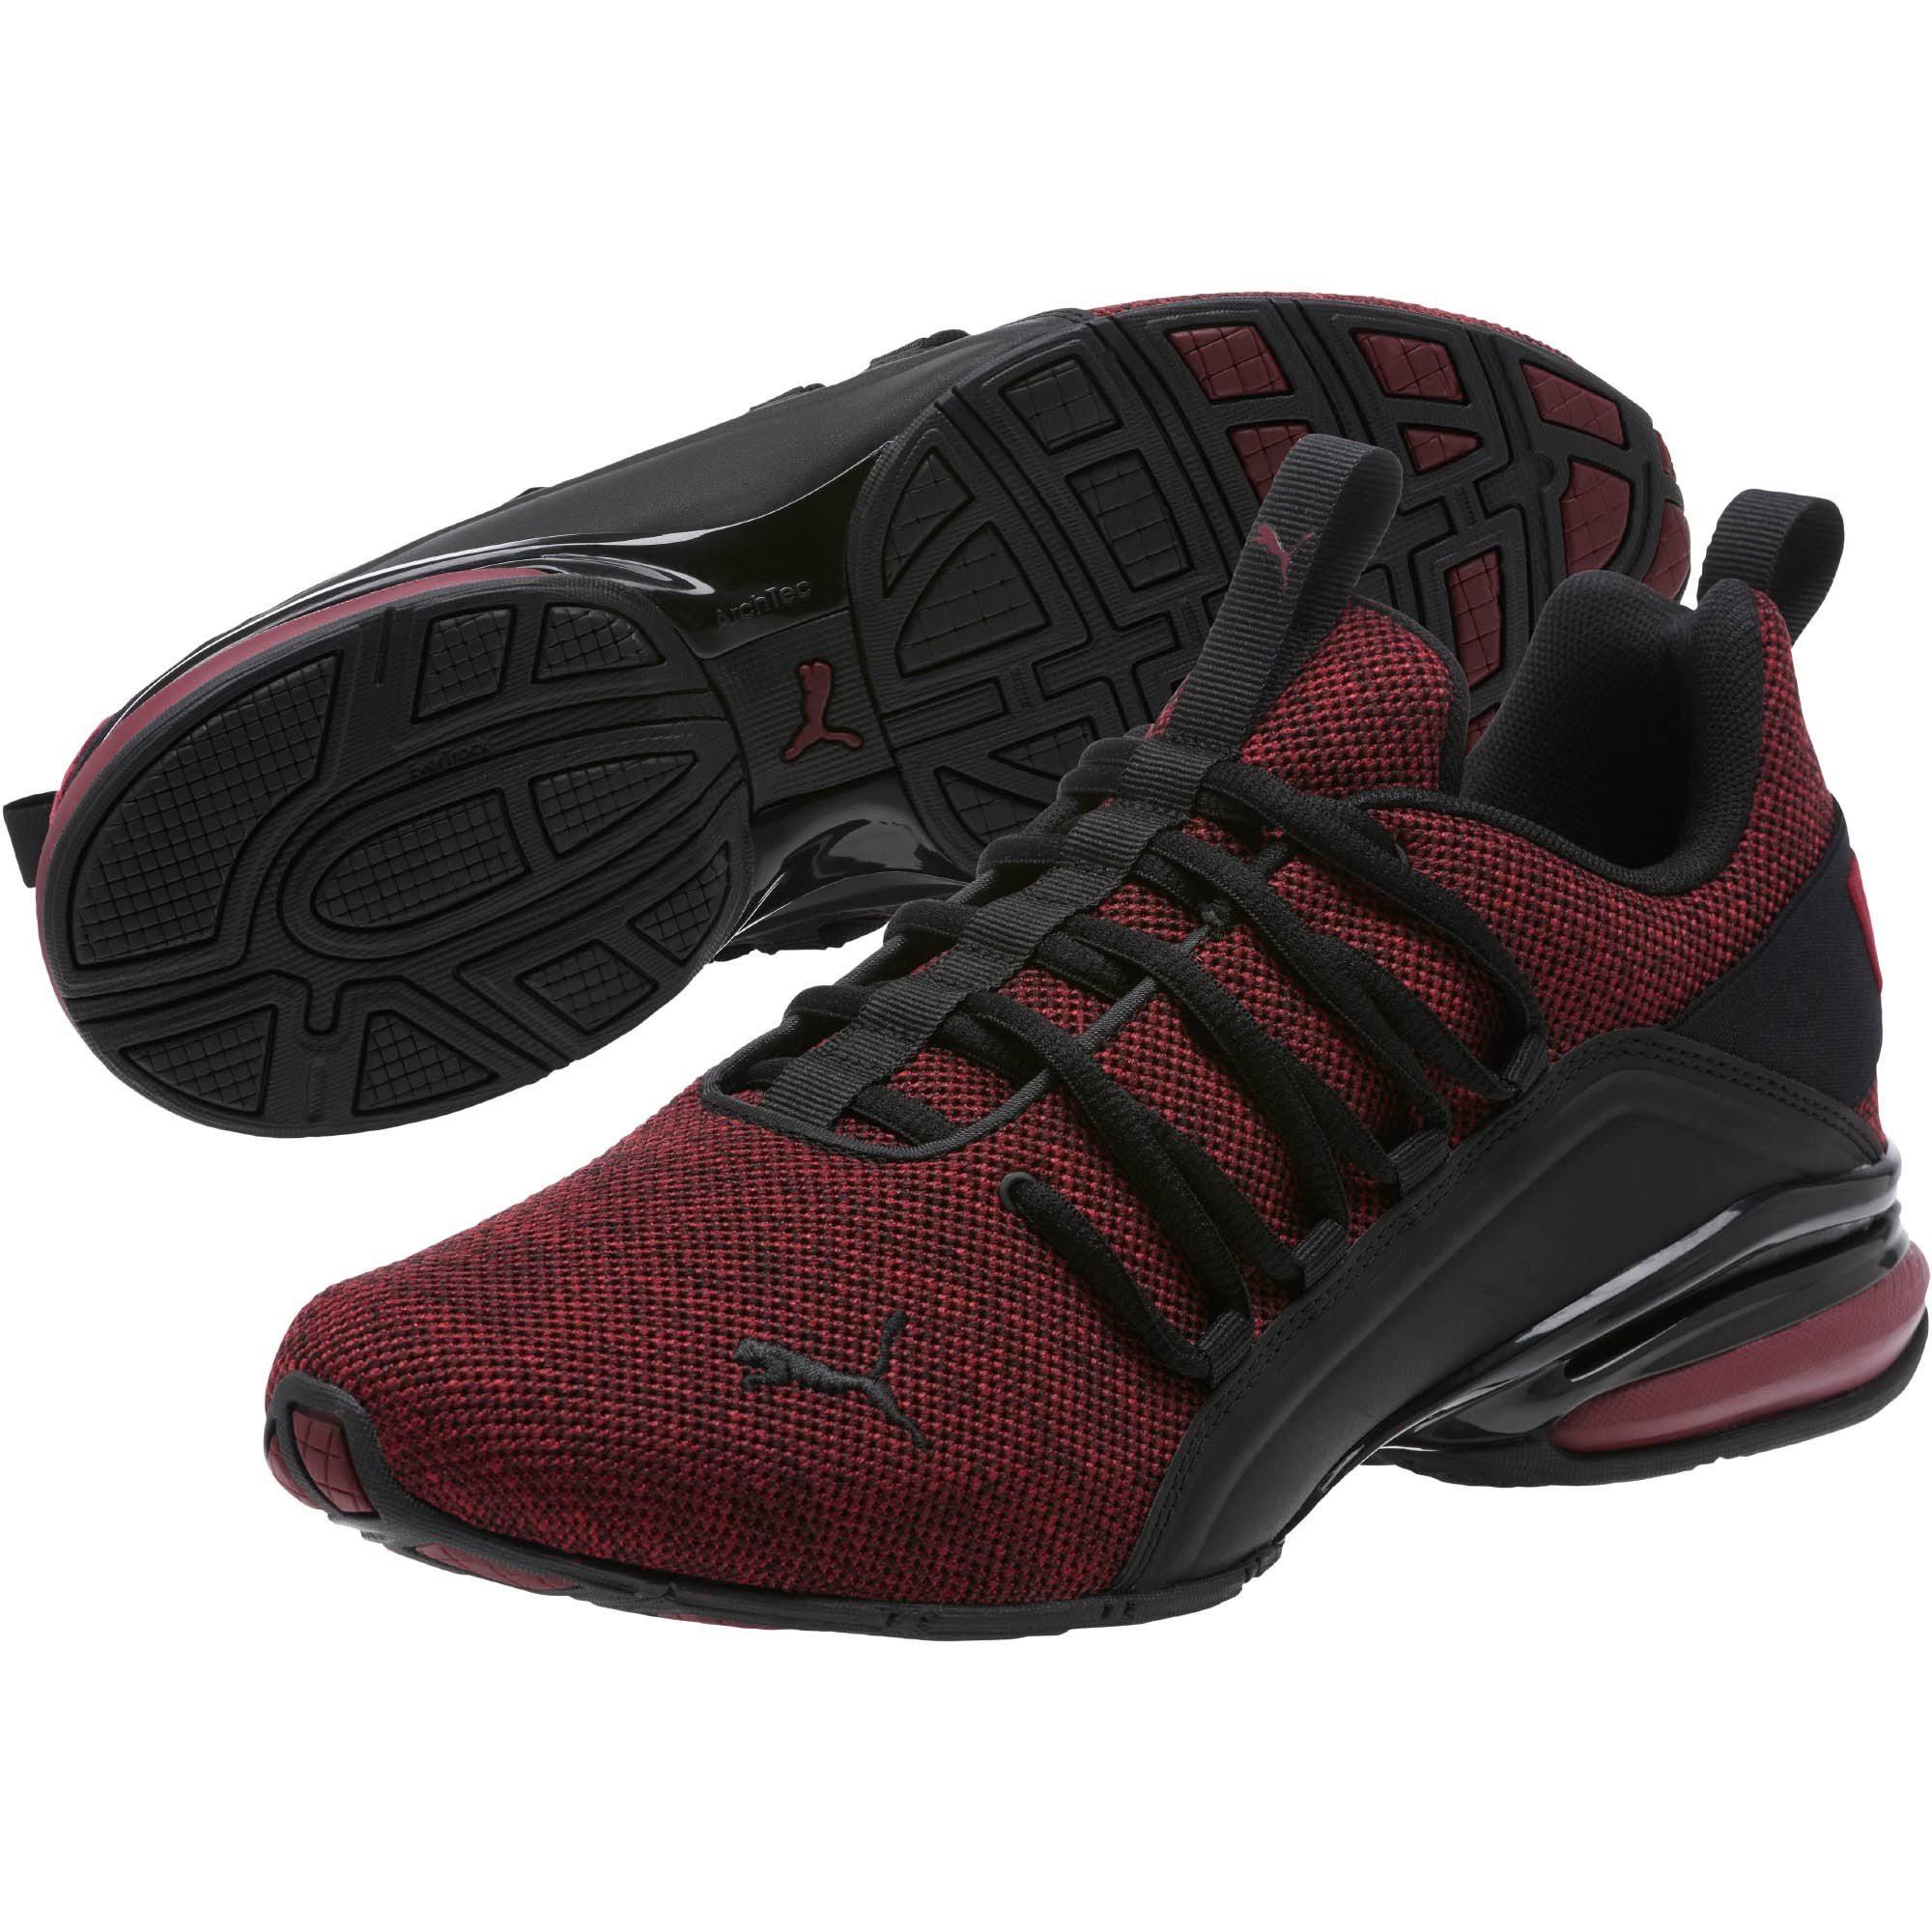 Las Axelion Tamaño En Borgoña Shoes Escenario 9 Athletic Tiendas Del 5 Puma 6wg1d8q1